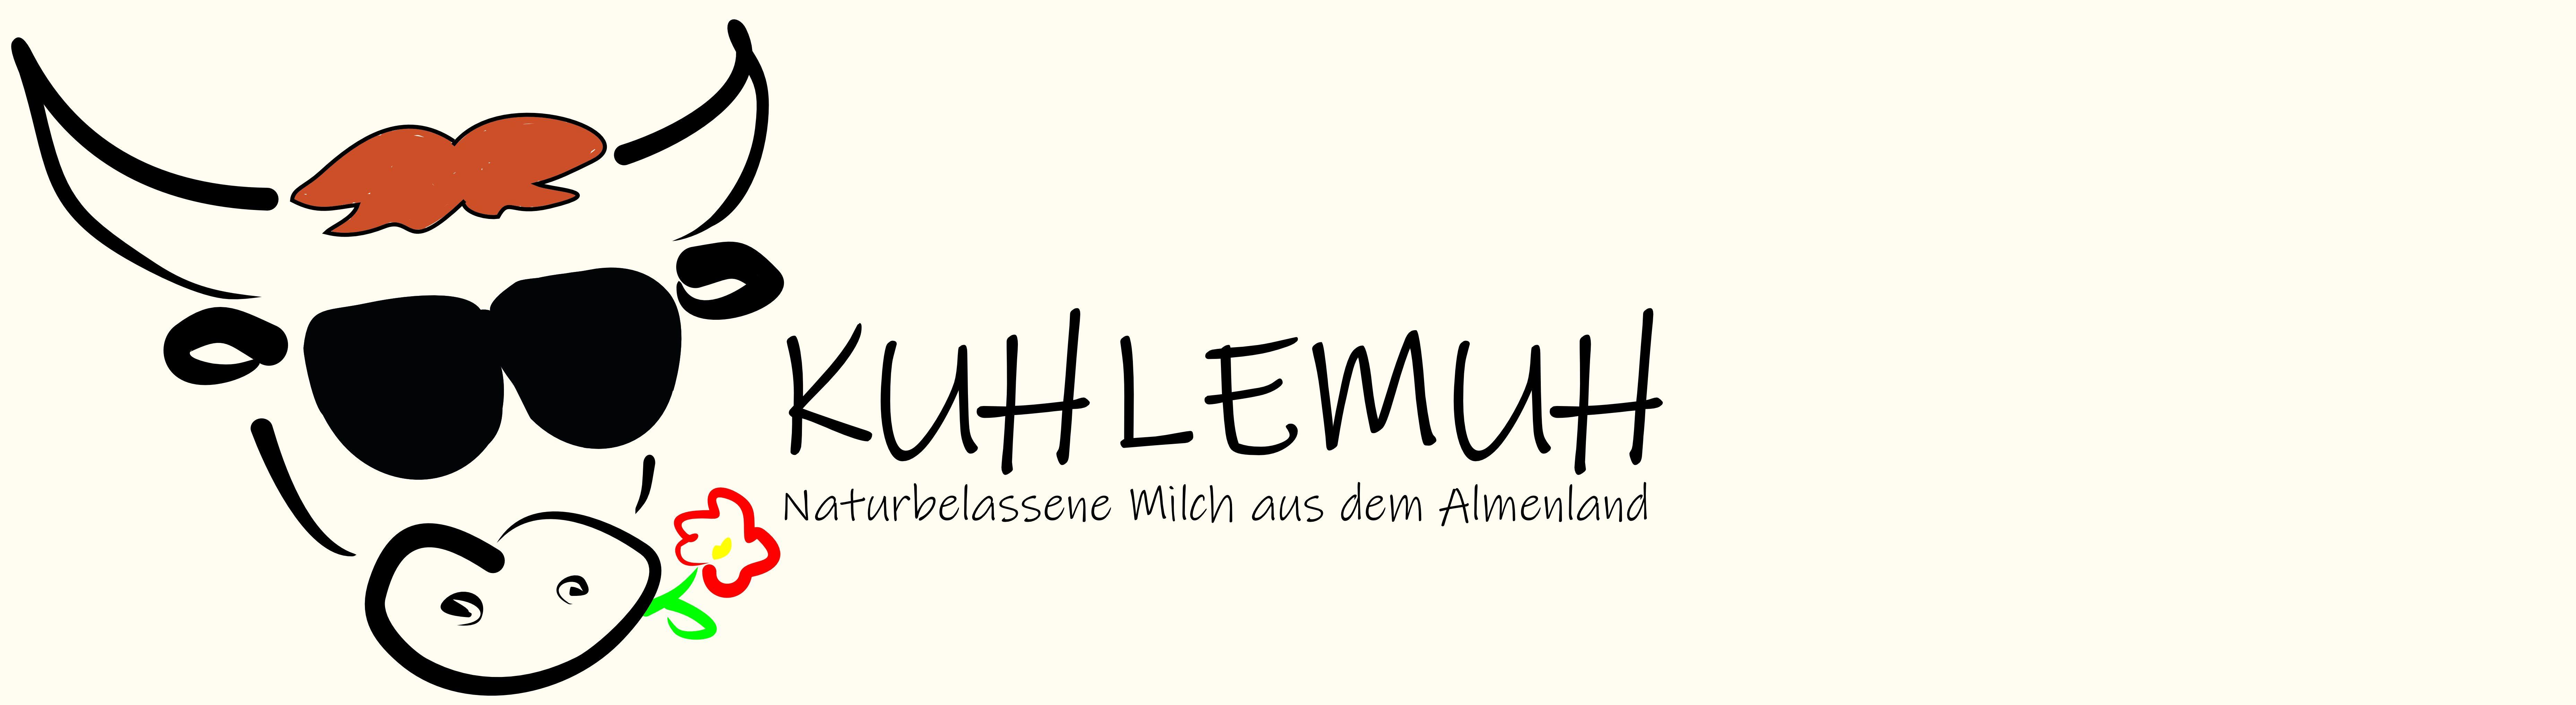 KUHLEMUH